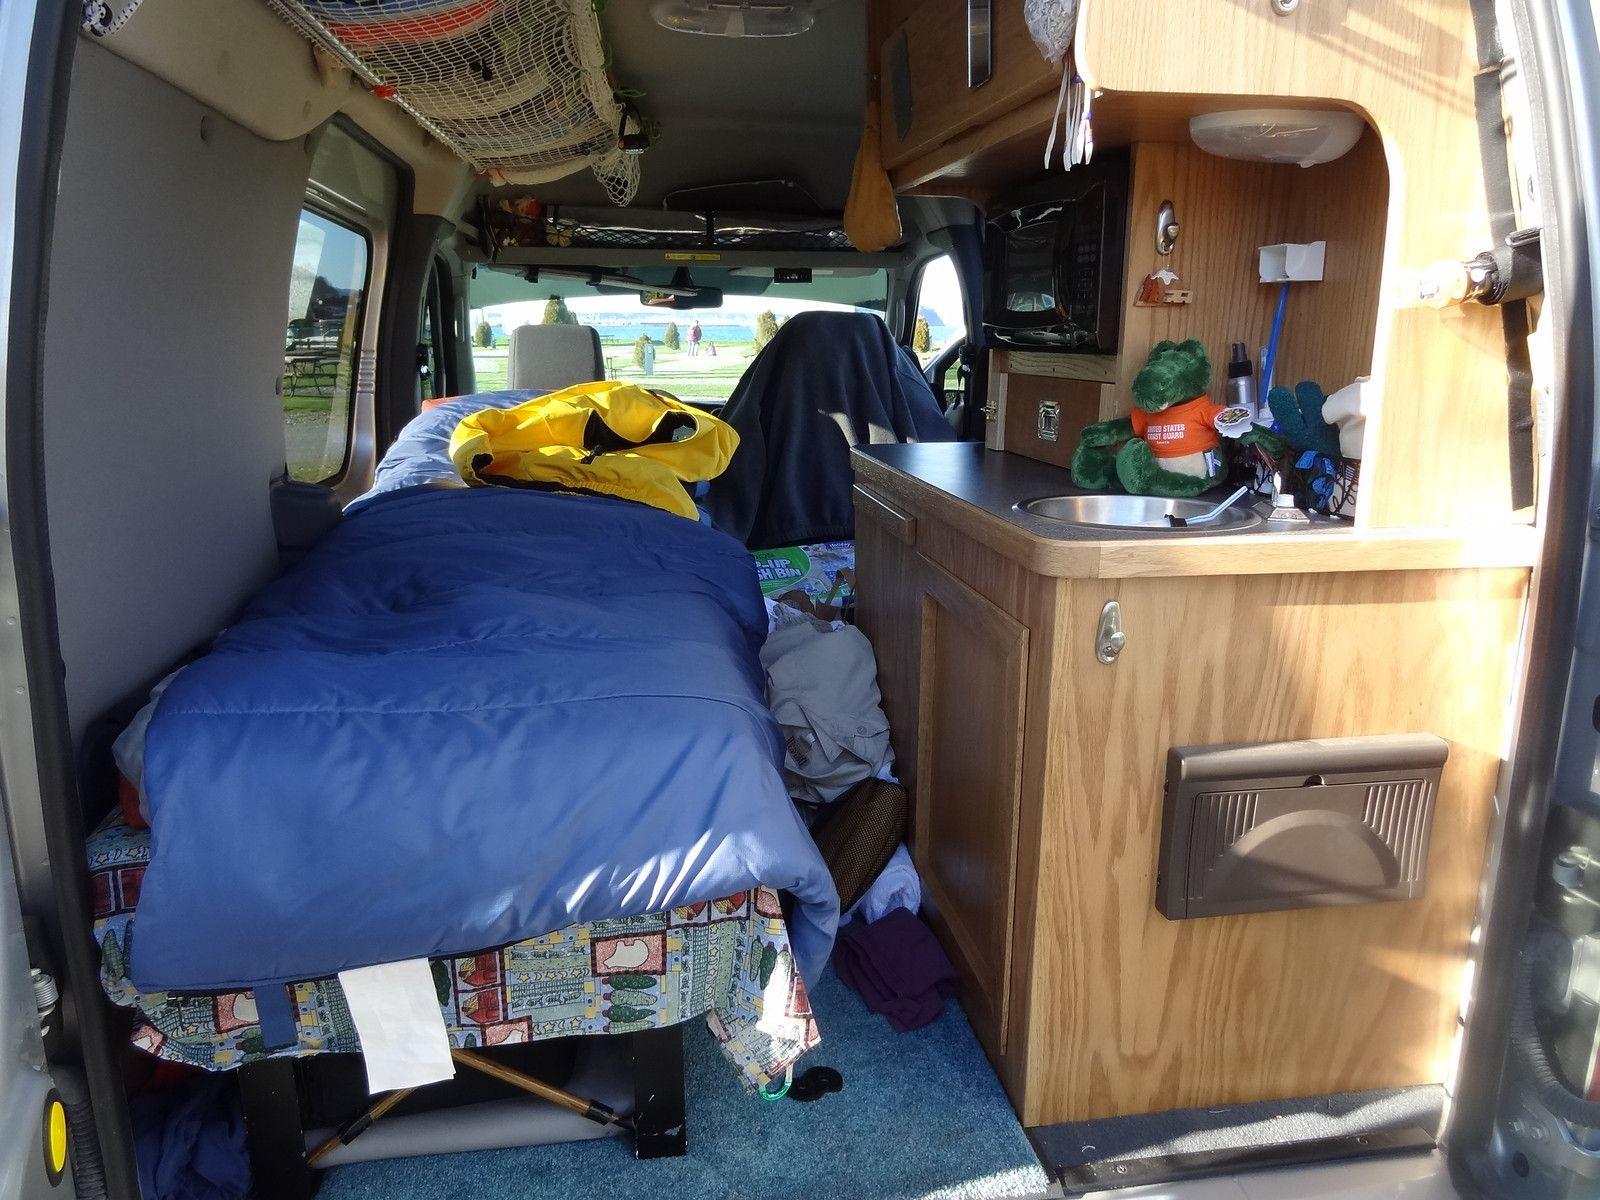 Ford transit connect camper conversion alaskandave smugmug